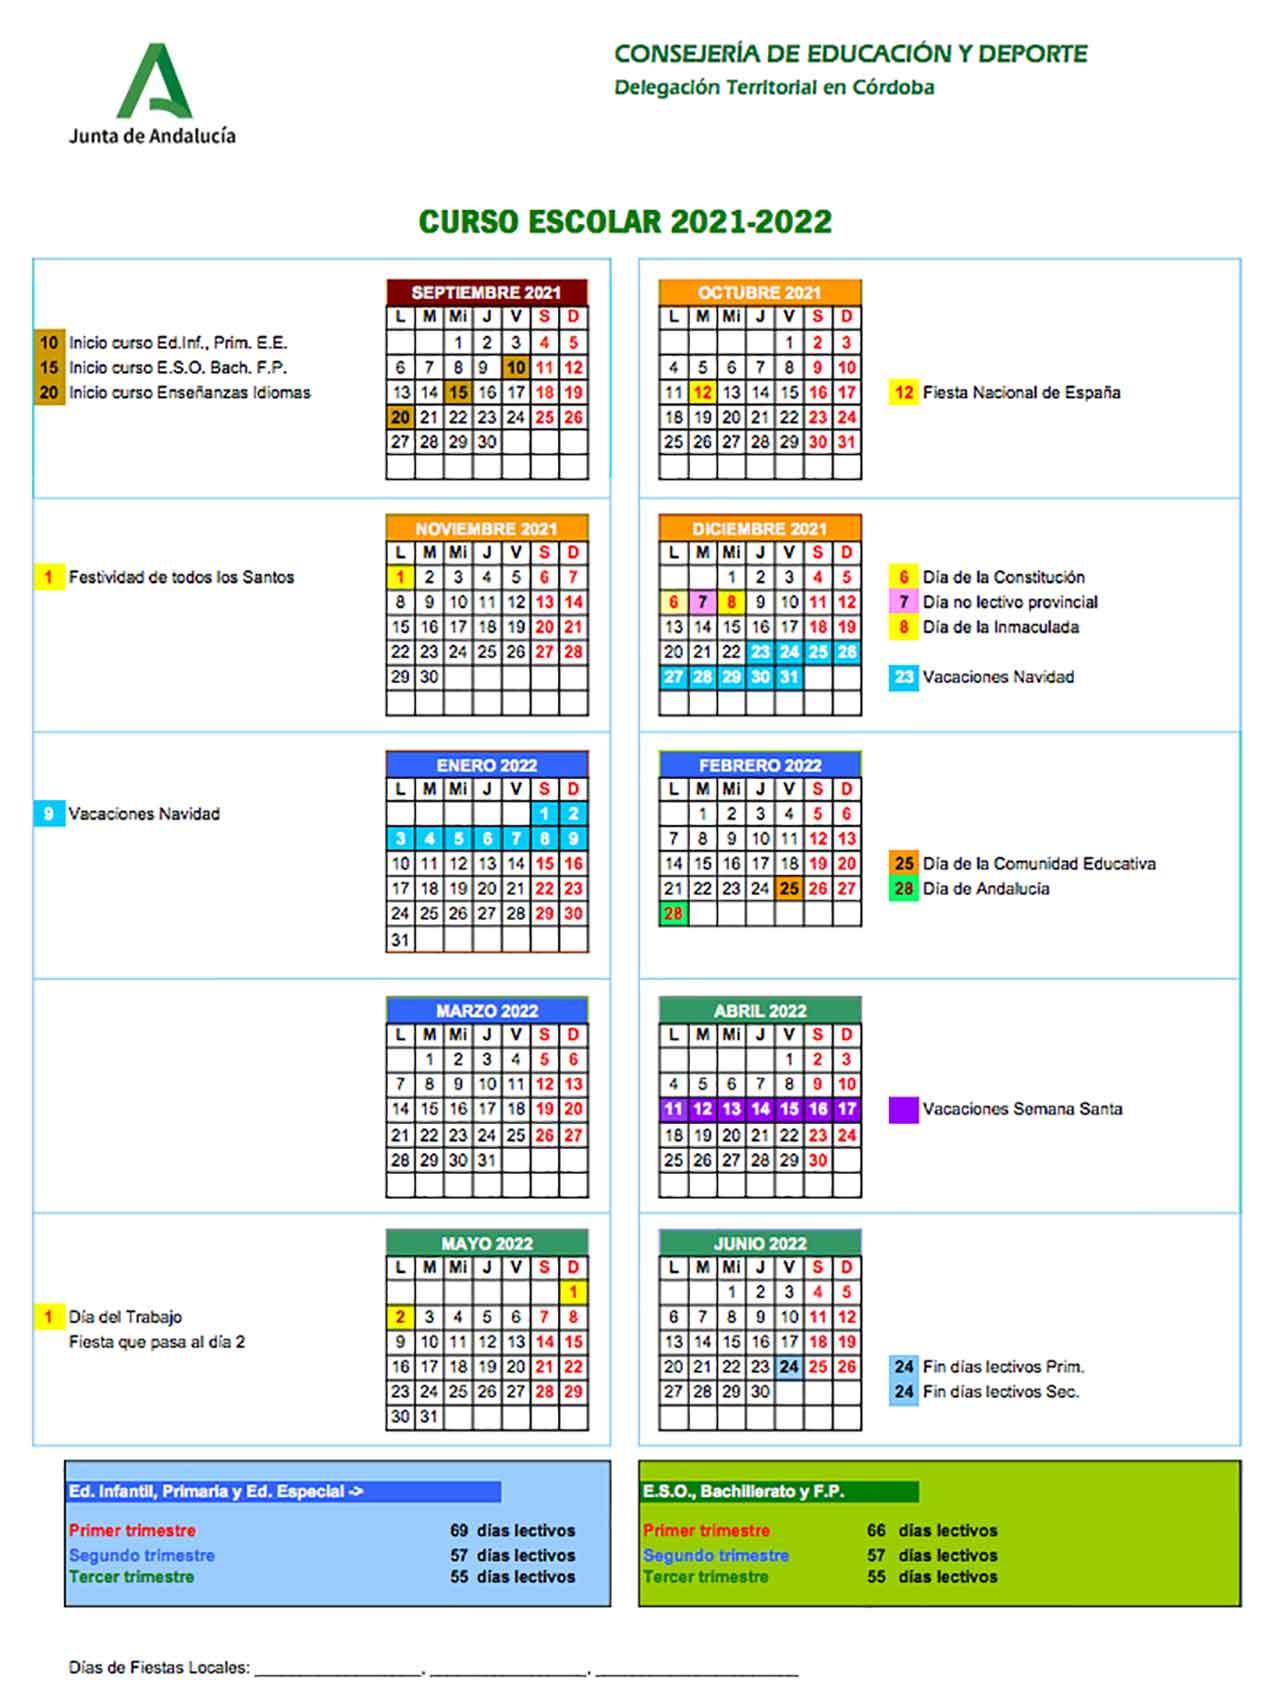 Calendario escolar Córdoba 2021-2022